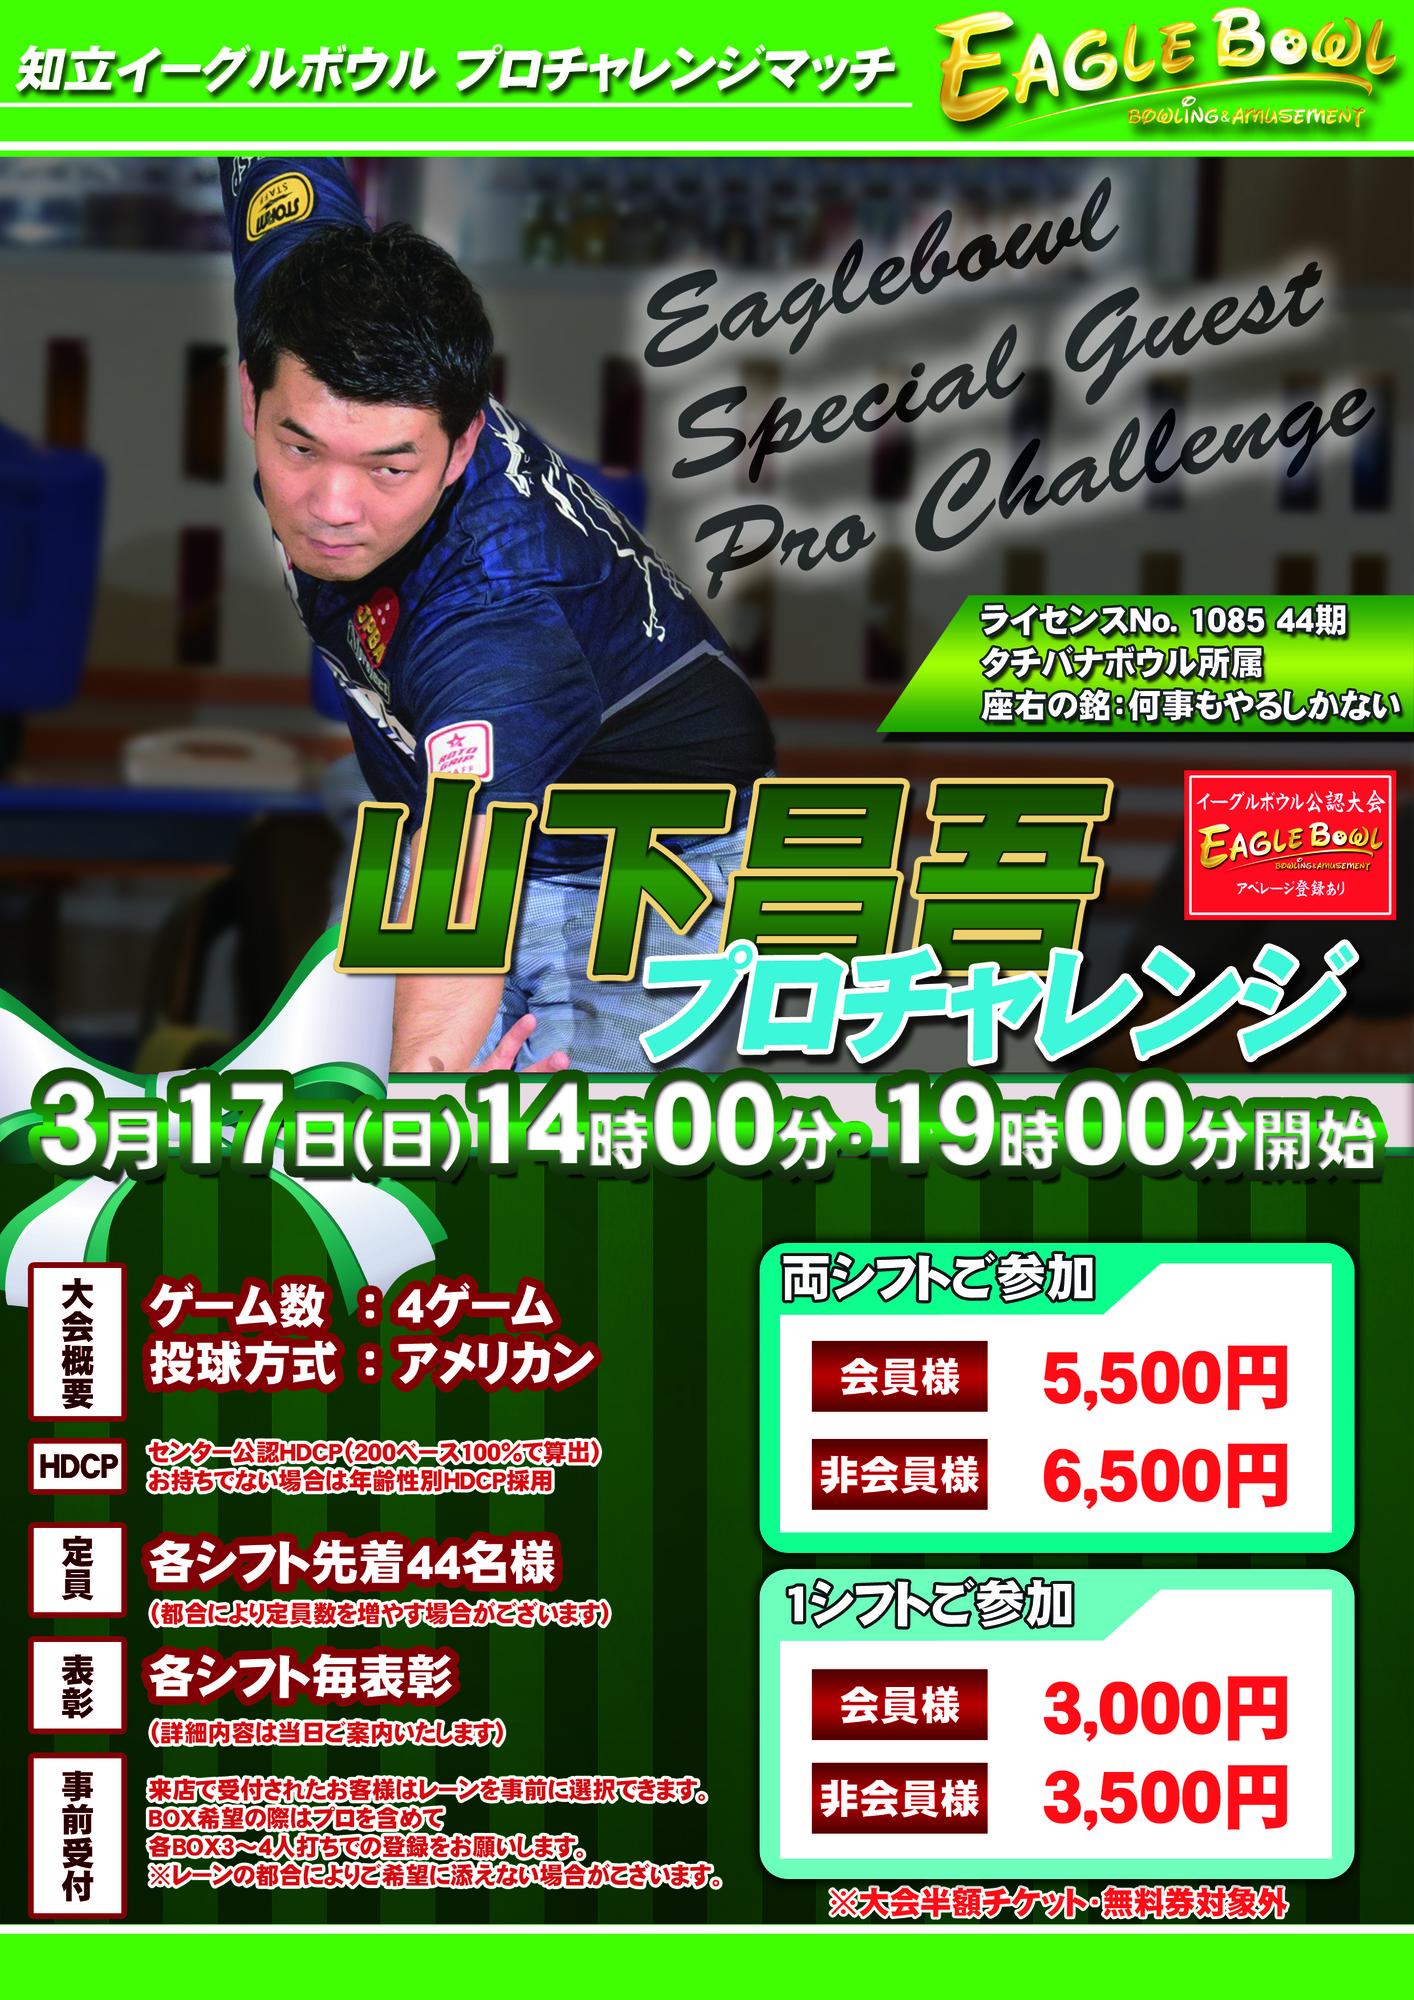 3/17 山下昌吾プロチャレンジ